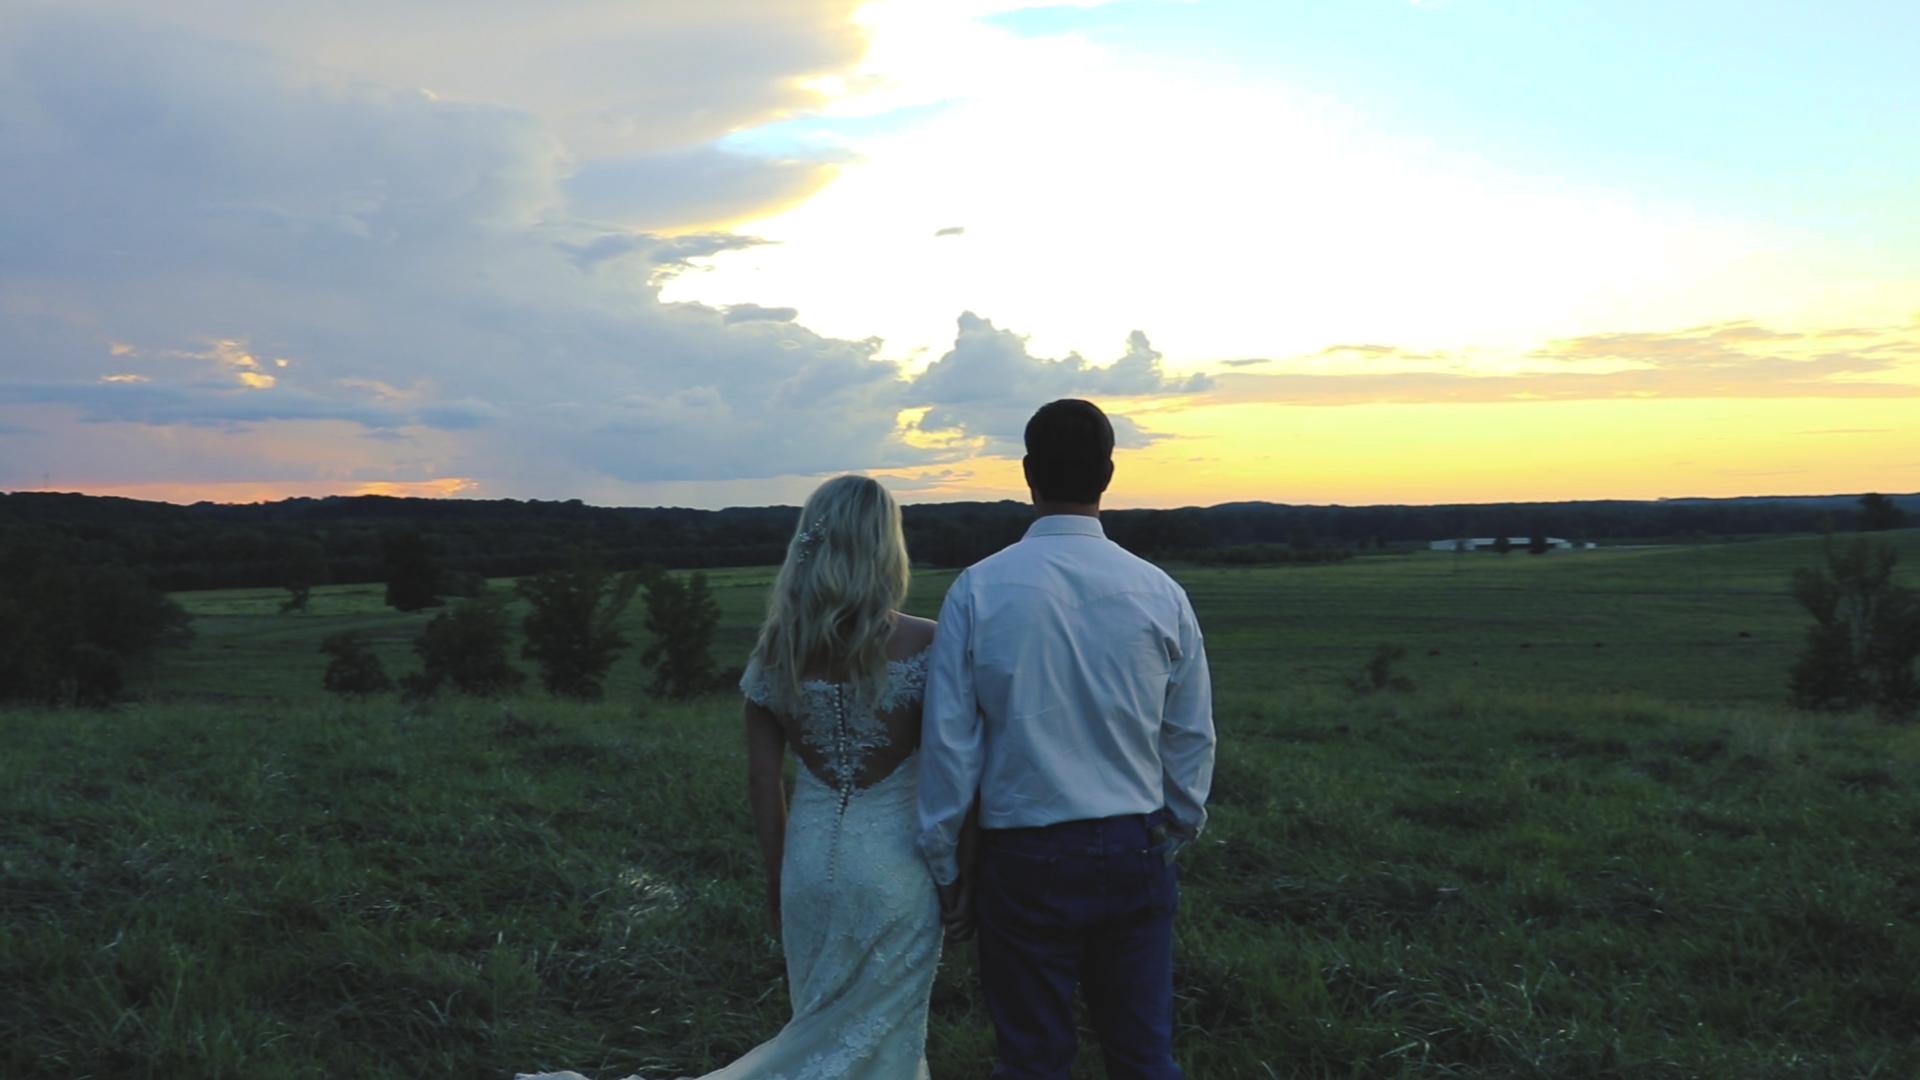 Austin + Kaitlyn | Guin, Alabama | A Family Farm